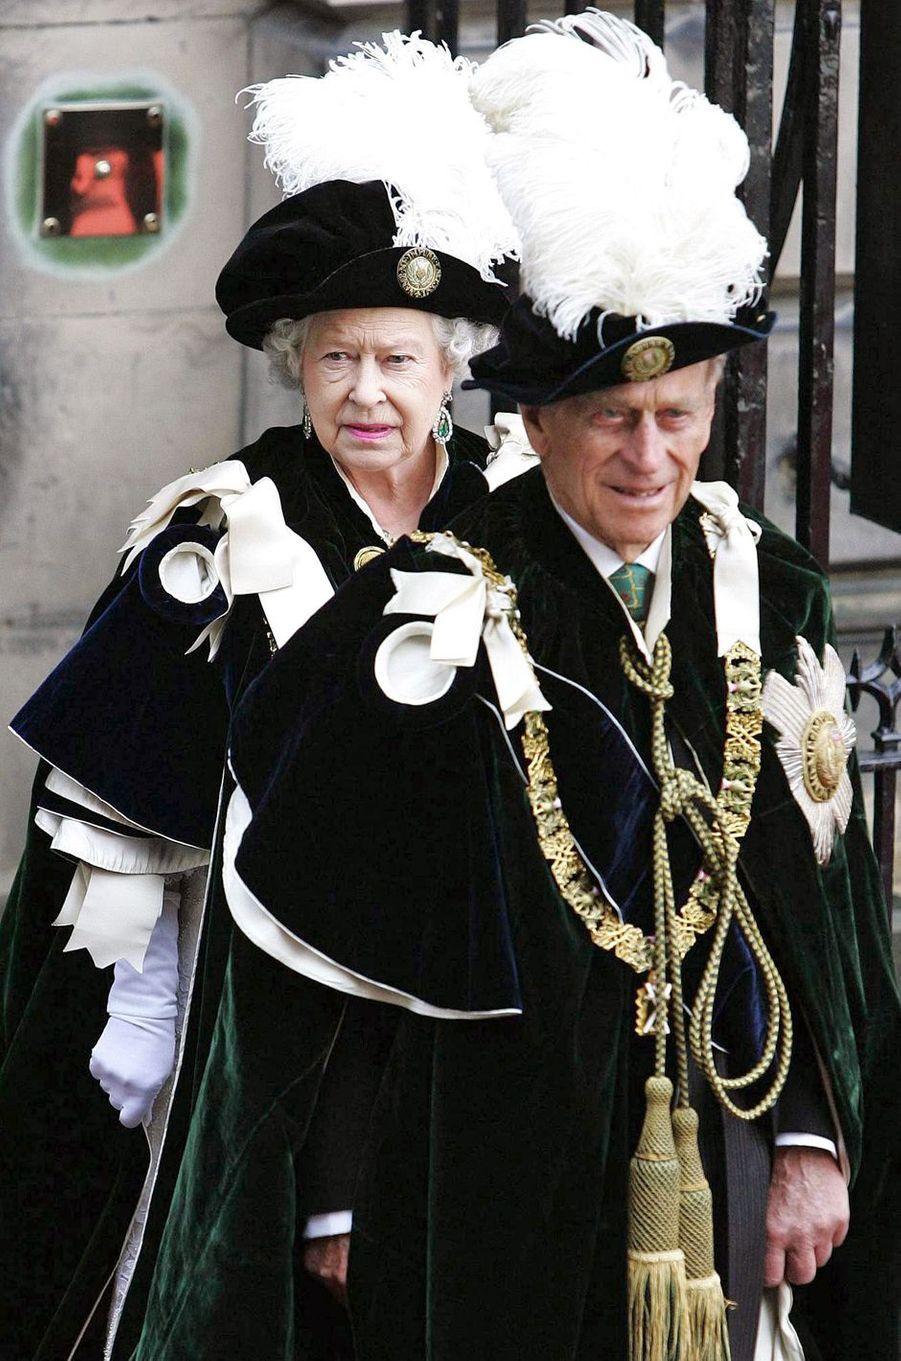 La reine Elizabeth II et le prince Philip, le 7 juillet 2006